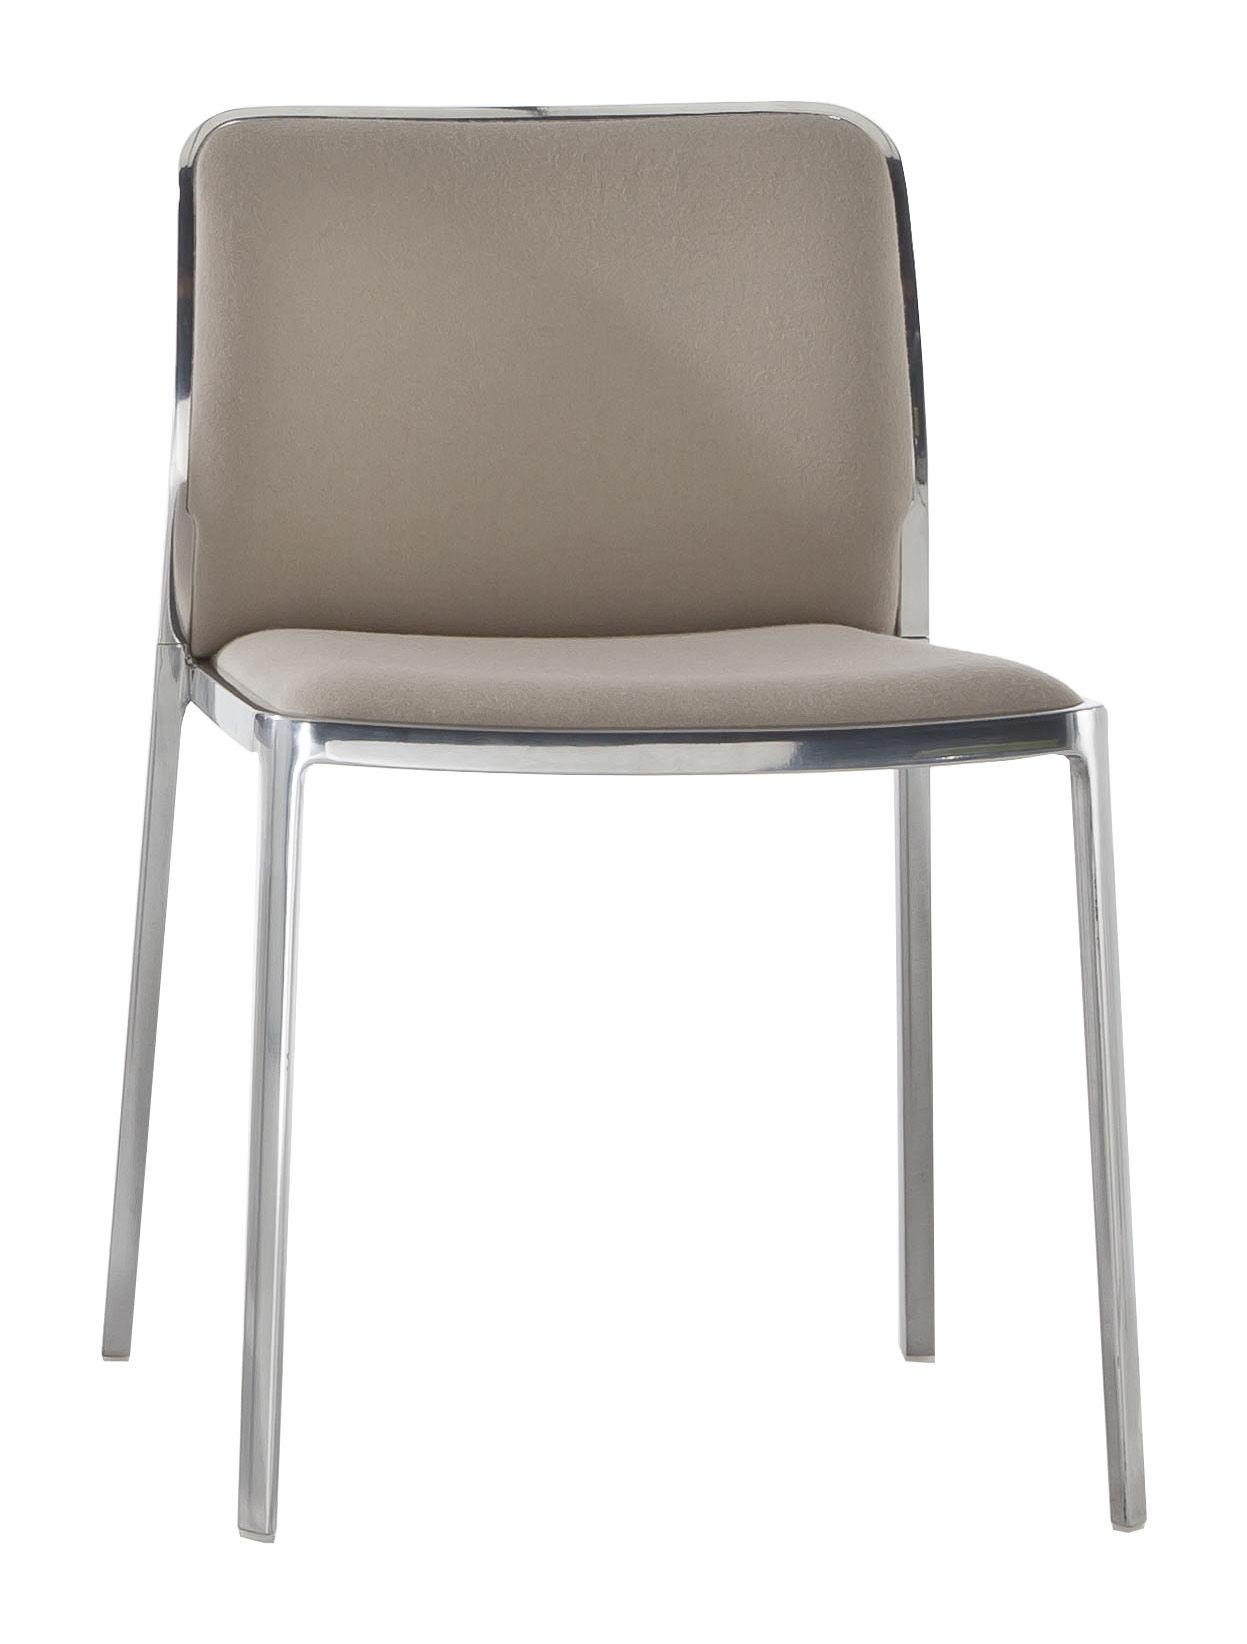 Mobilier - Chaises, fauteuils de salle à manger - Chaise rembourrée Audrey Soft / Structure alu poli - Kartell - Structure alu poli / Tissu Kvadrat beige - Aluminium poli, Tissu